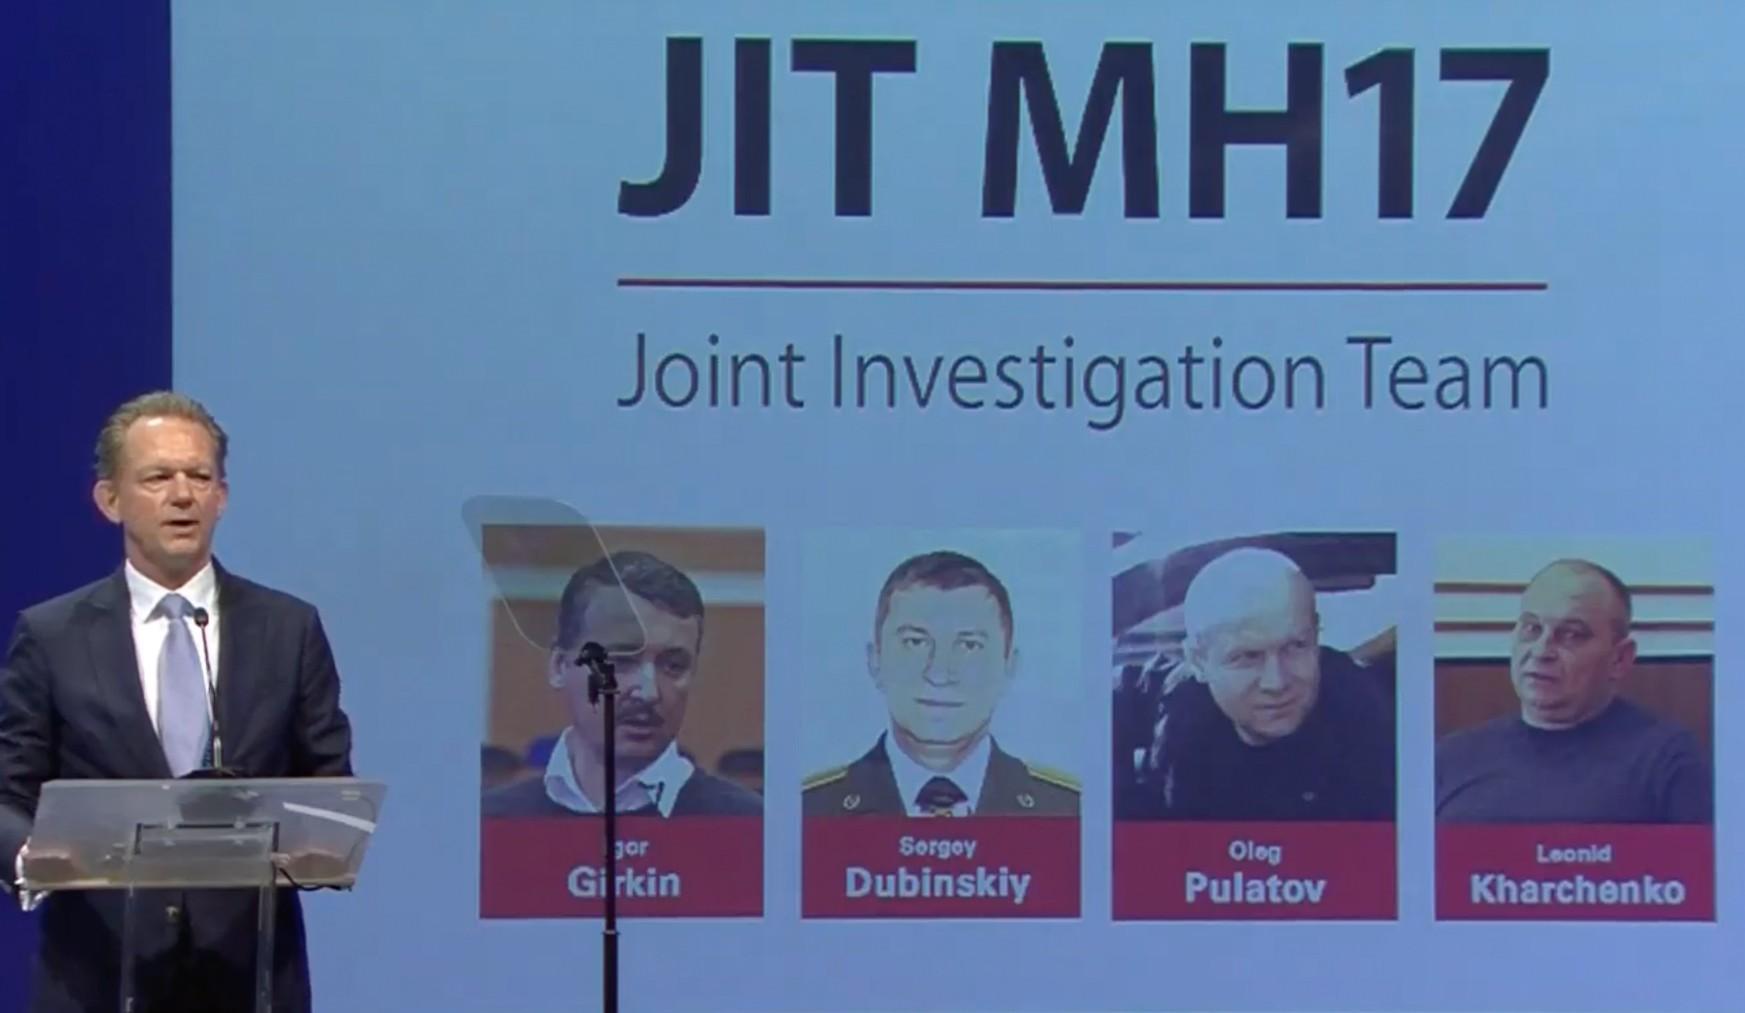 Neue JIT-Präsentation zum MH-17 Abschuss: Die wichtigsten Fragen bleiben unbeantwortet